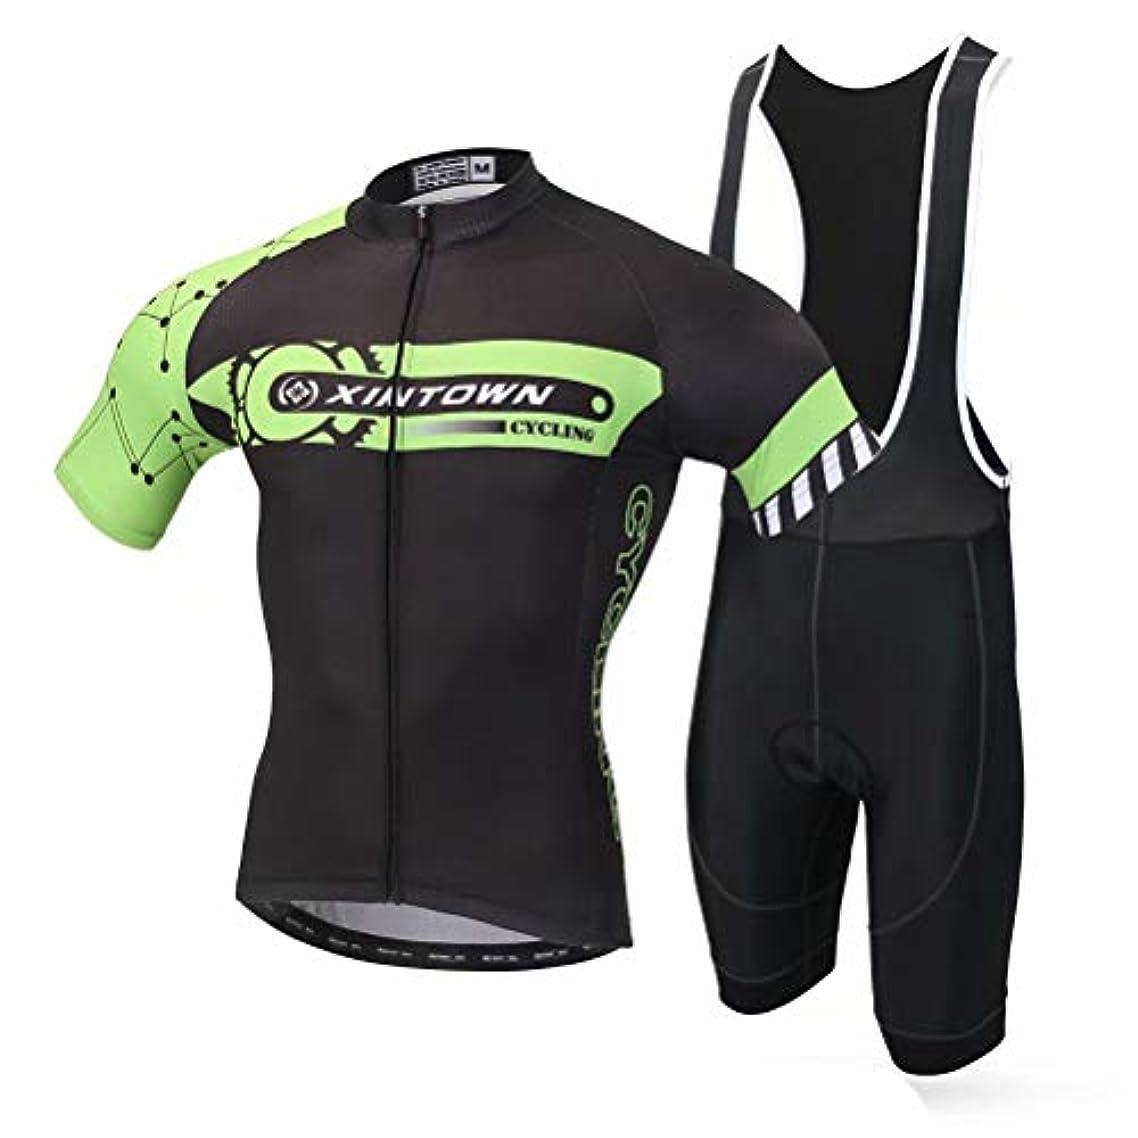 挑むオン同種のTenflow サイクルジャージ メンズ ビブ付き 半袖 上下セット 吸汗 速乾 自転車ウェア スポーツウェア パッド付き xhyd-bddx-bd